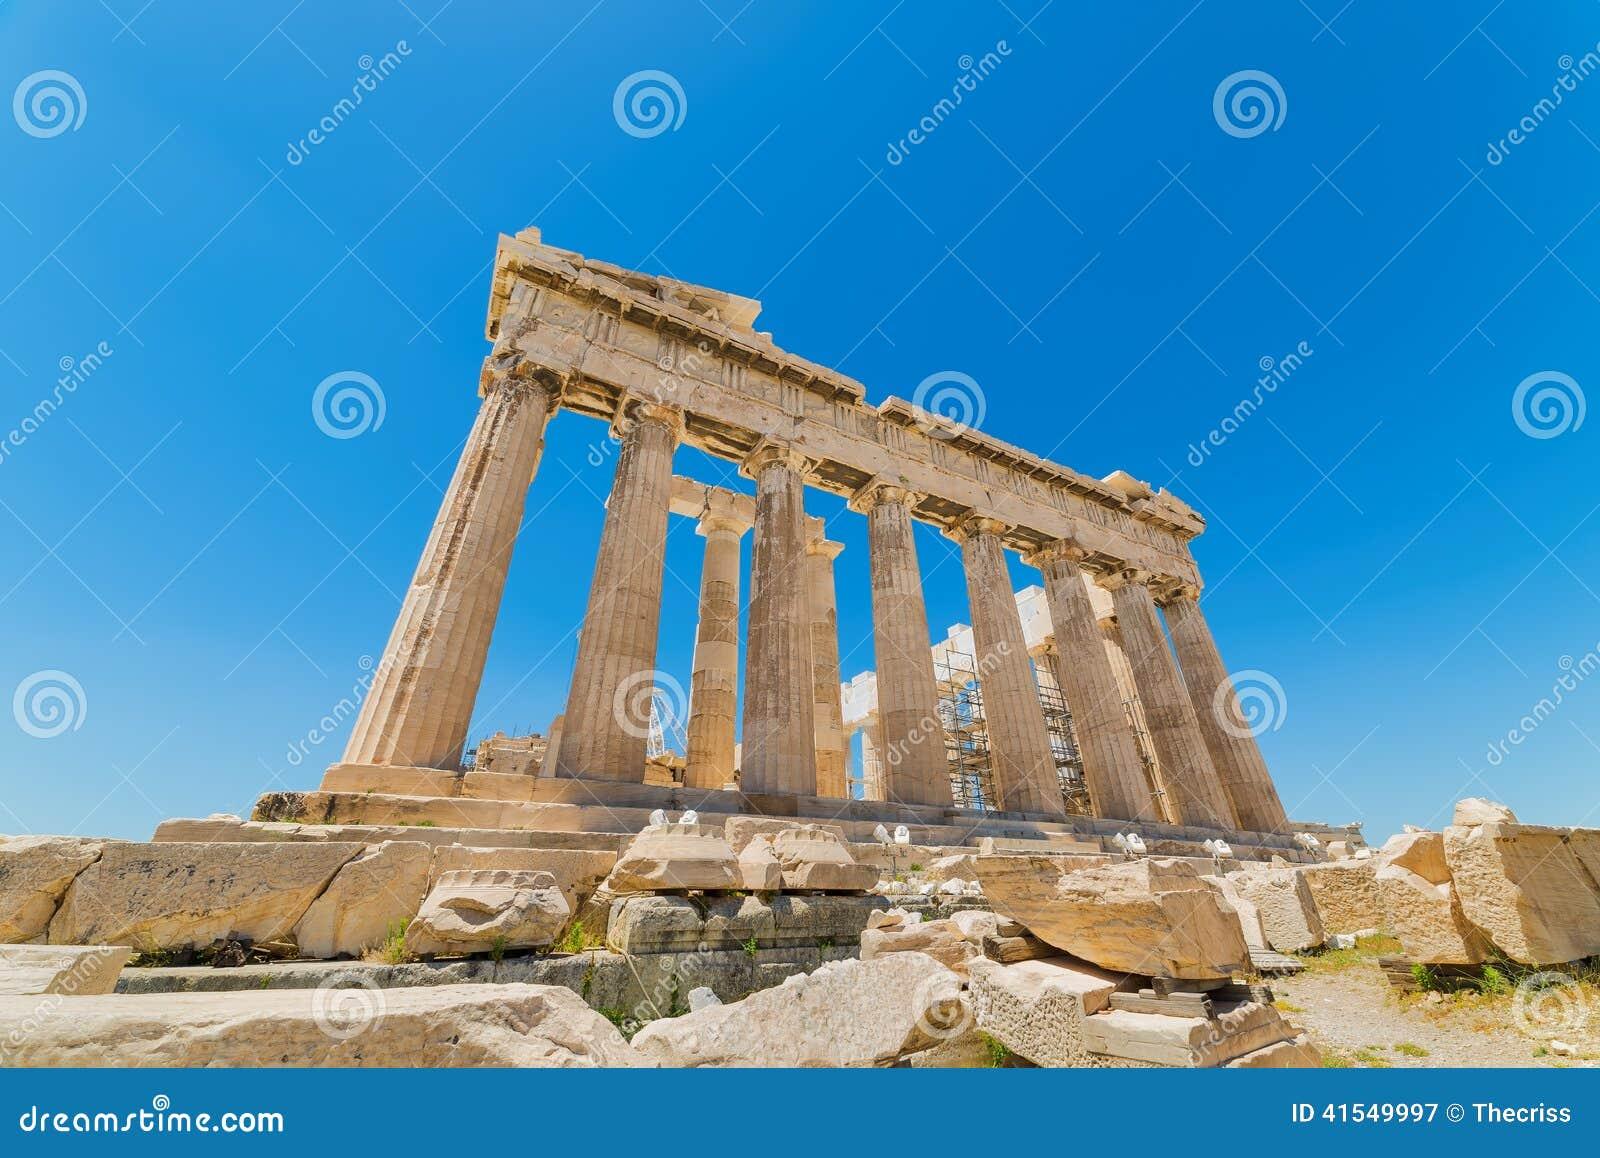 Kaap Sounion De plaats van ruïnes van een oude Griekse tempel van Poseidon, de god van het overzees in klassieke mythologie